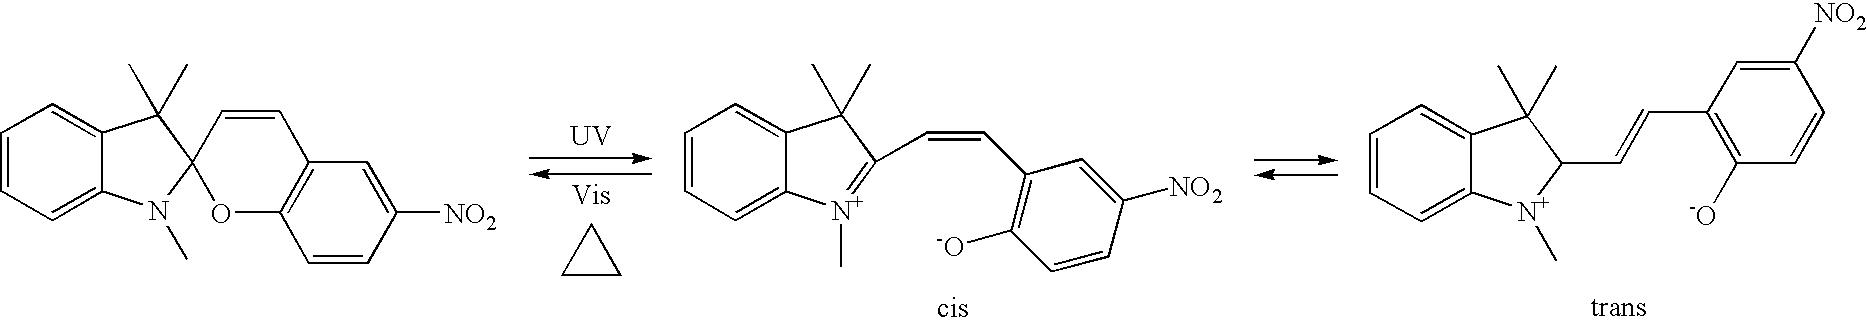 Figure US20080311495A1-20081218-C00004